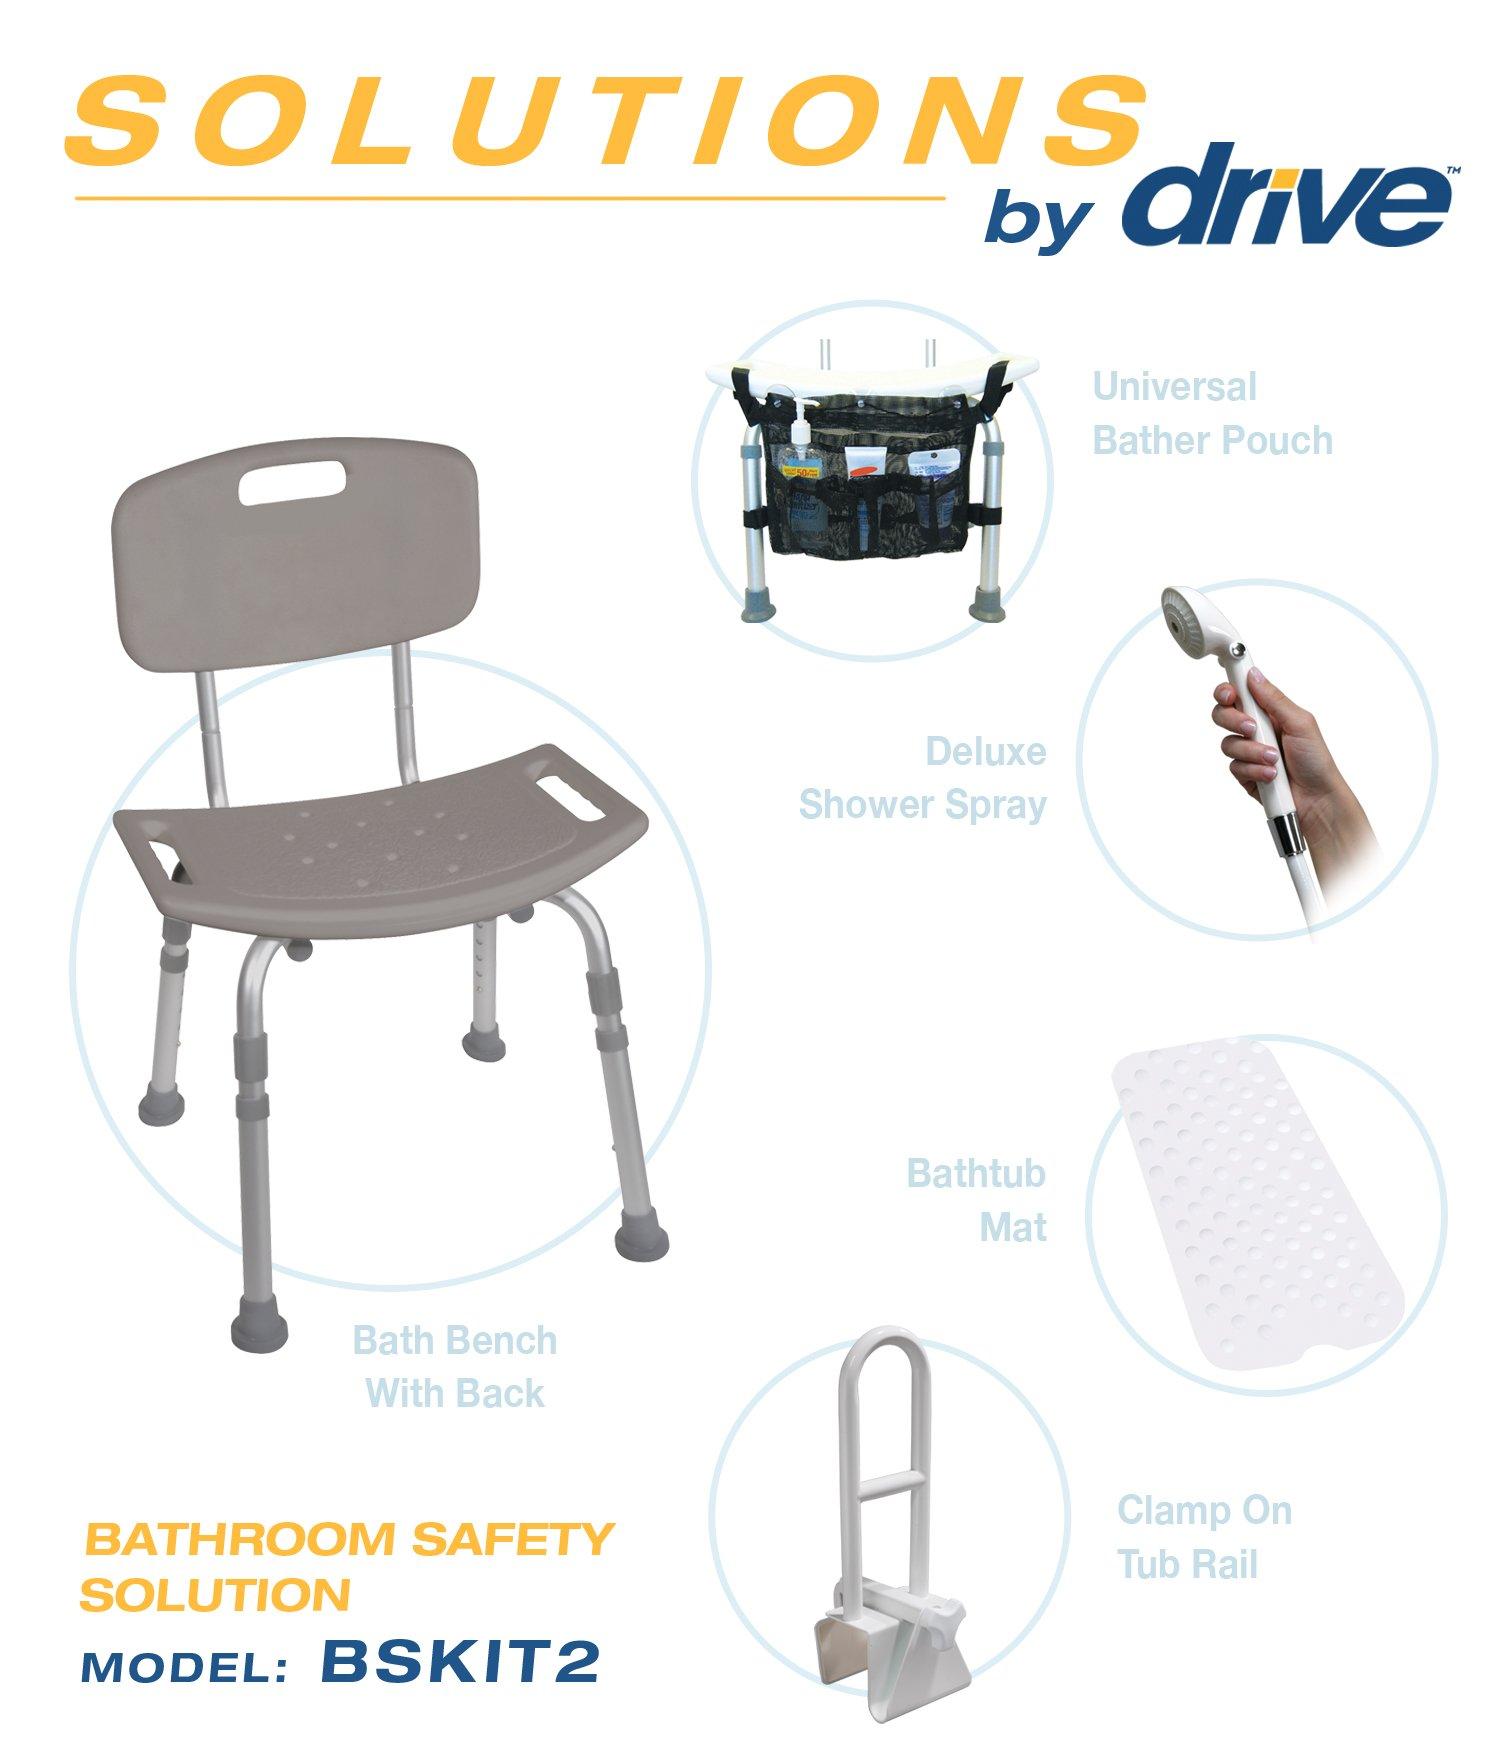 Bathroom Safety Solution - Bathroom Safety